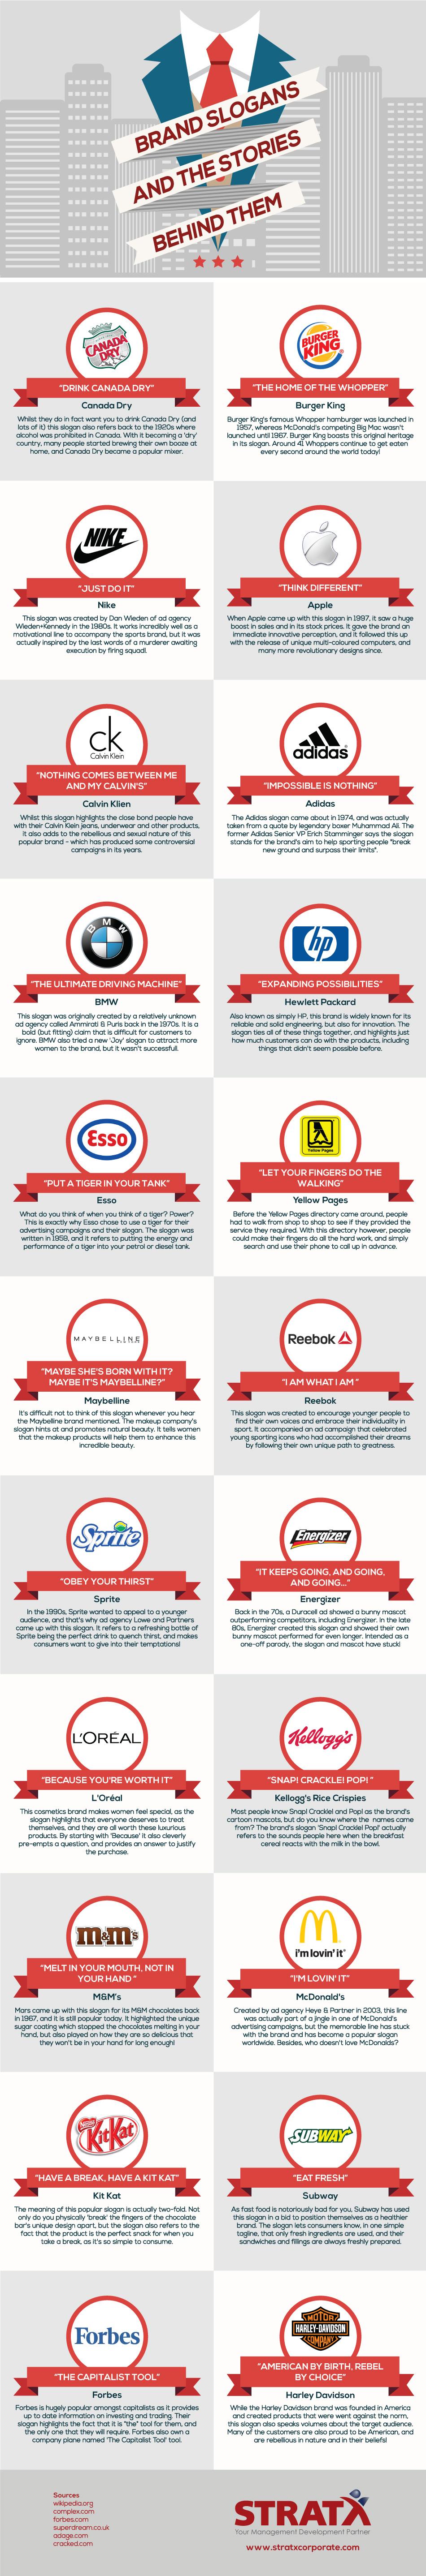 La historia detrás de los slogans de 22 marcas famosas